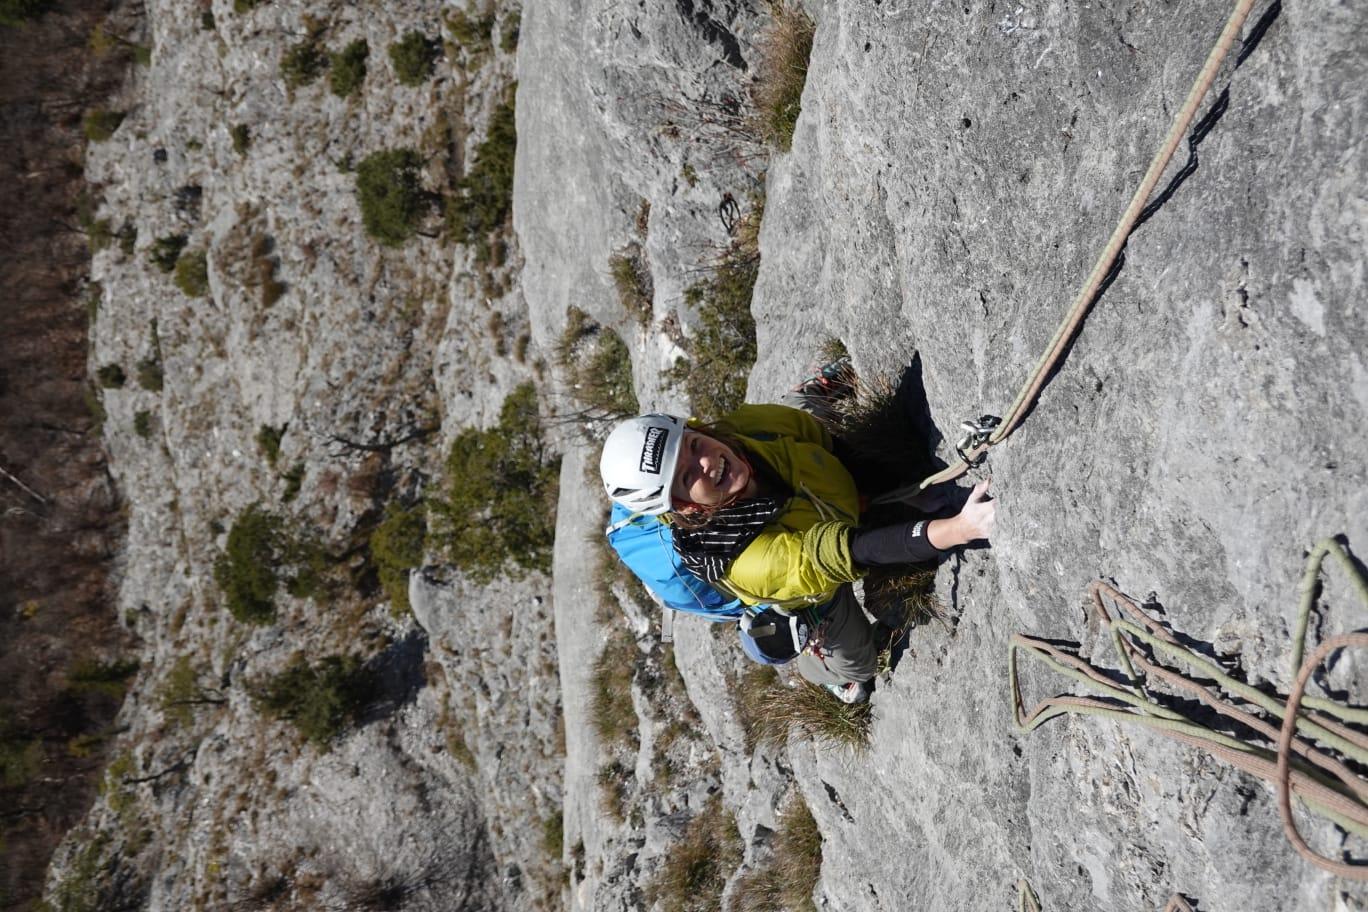 Sofia Muigg, Frauenpower in der Senkrechten, Foto: Quirin Chalupar |Climbers Paradise